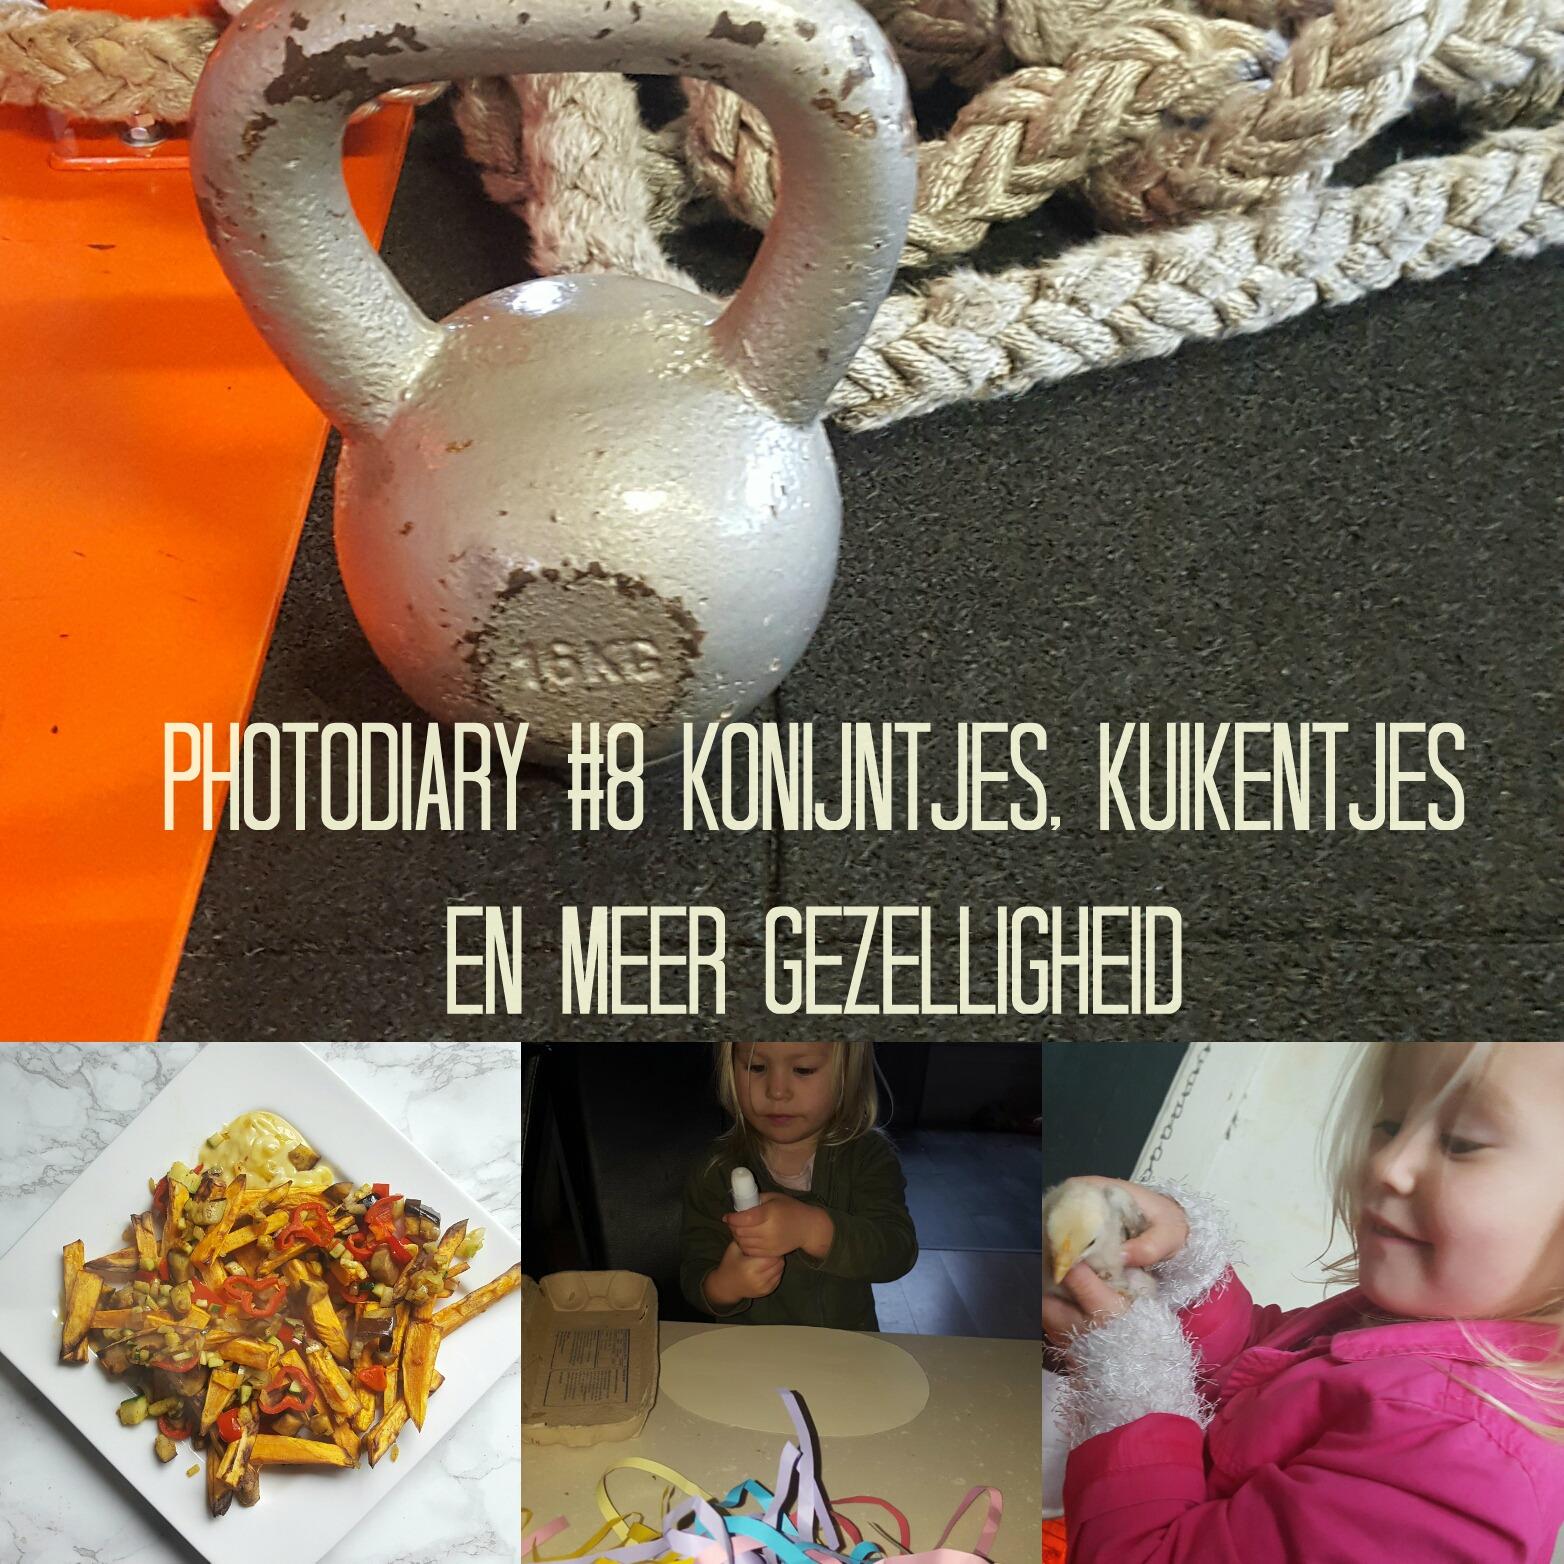 Photodiary #8 konijntjes, kuikentjes en nog meer gezelligheid